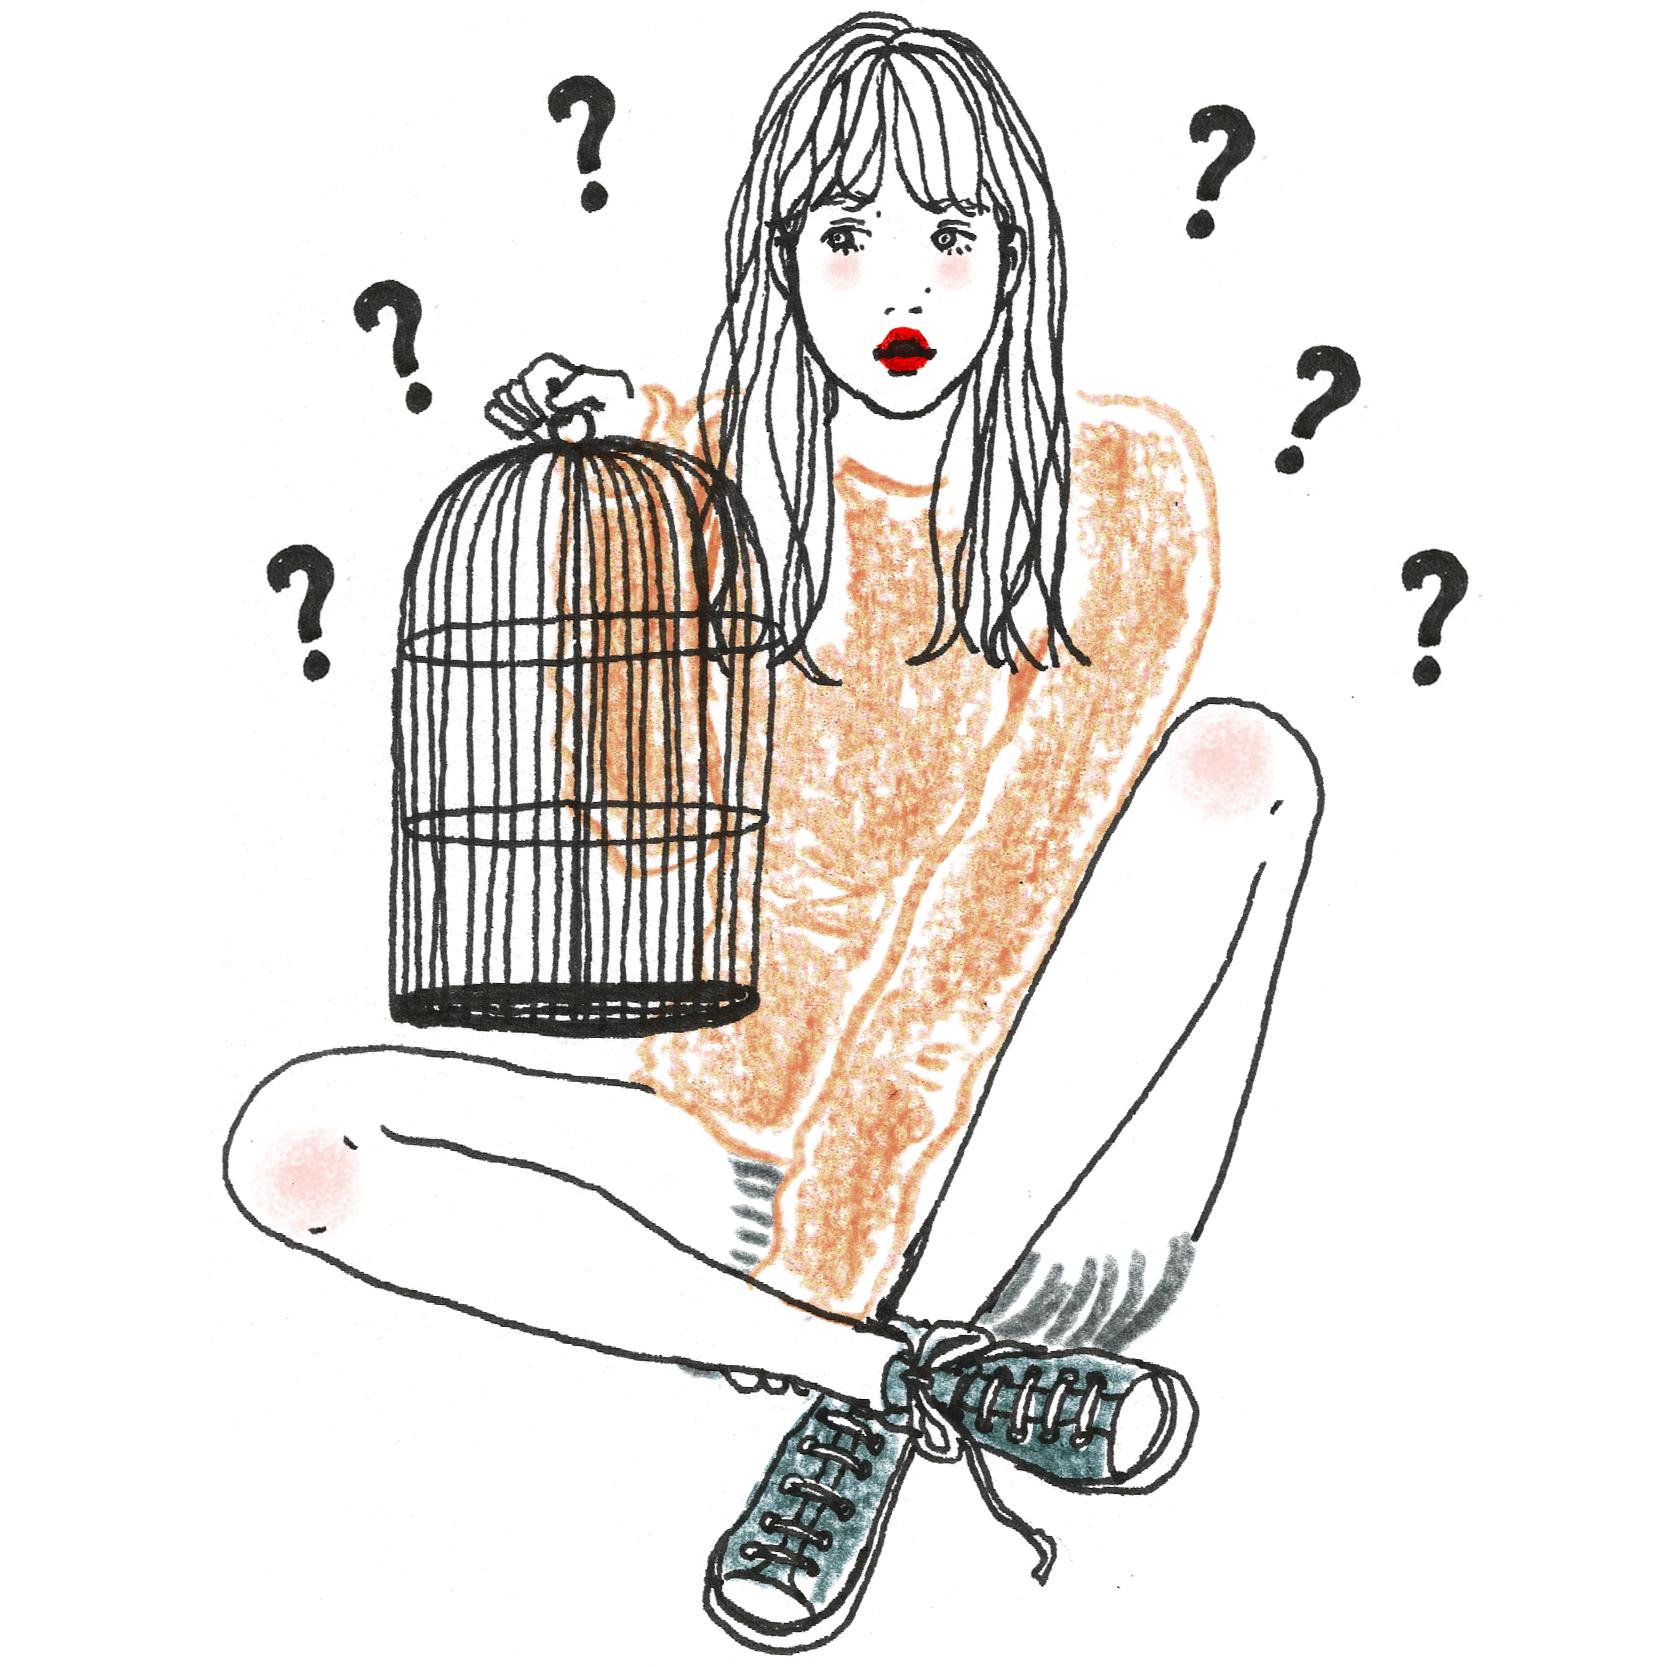 Q:あなたの手に鳥がとまっています。どの鳥ですか?